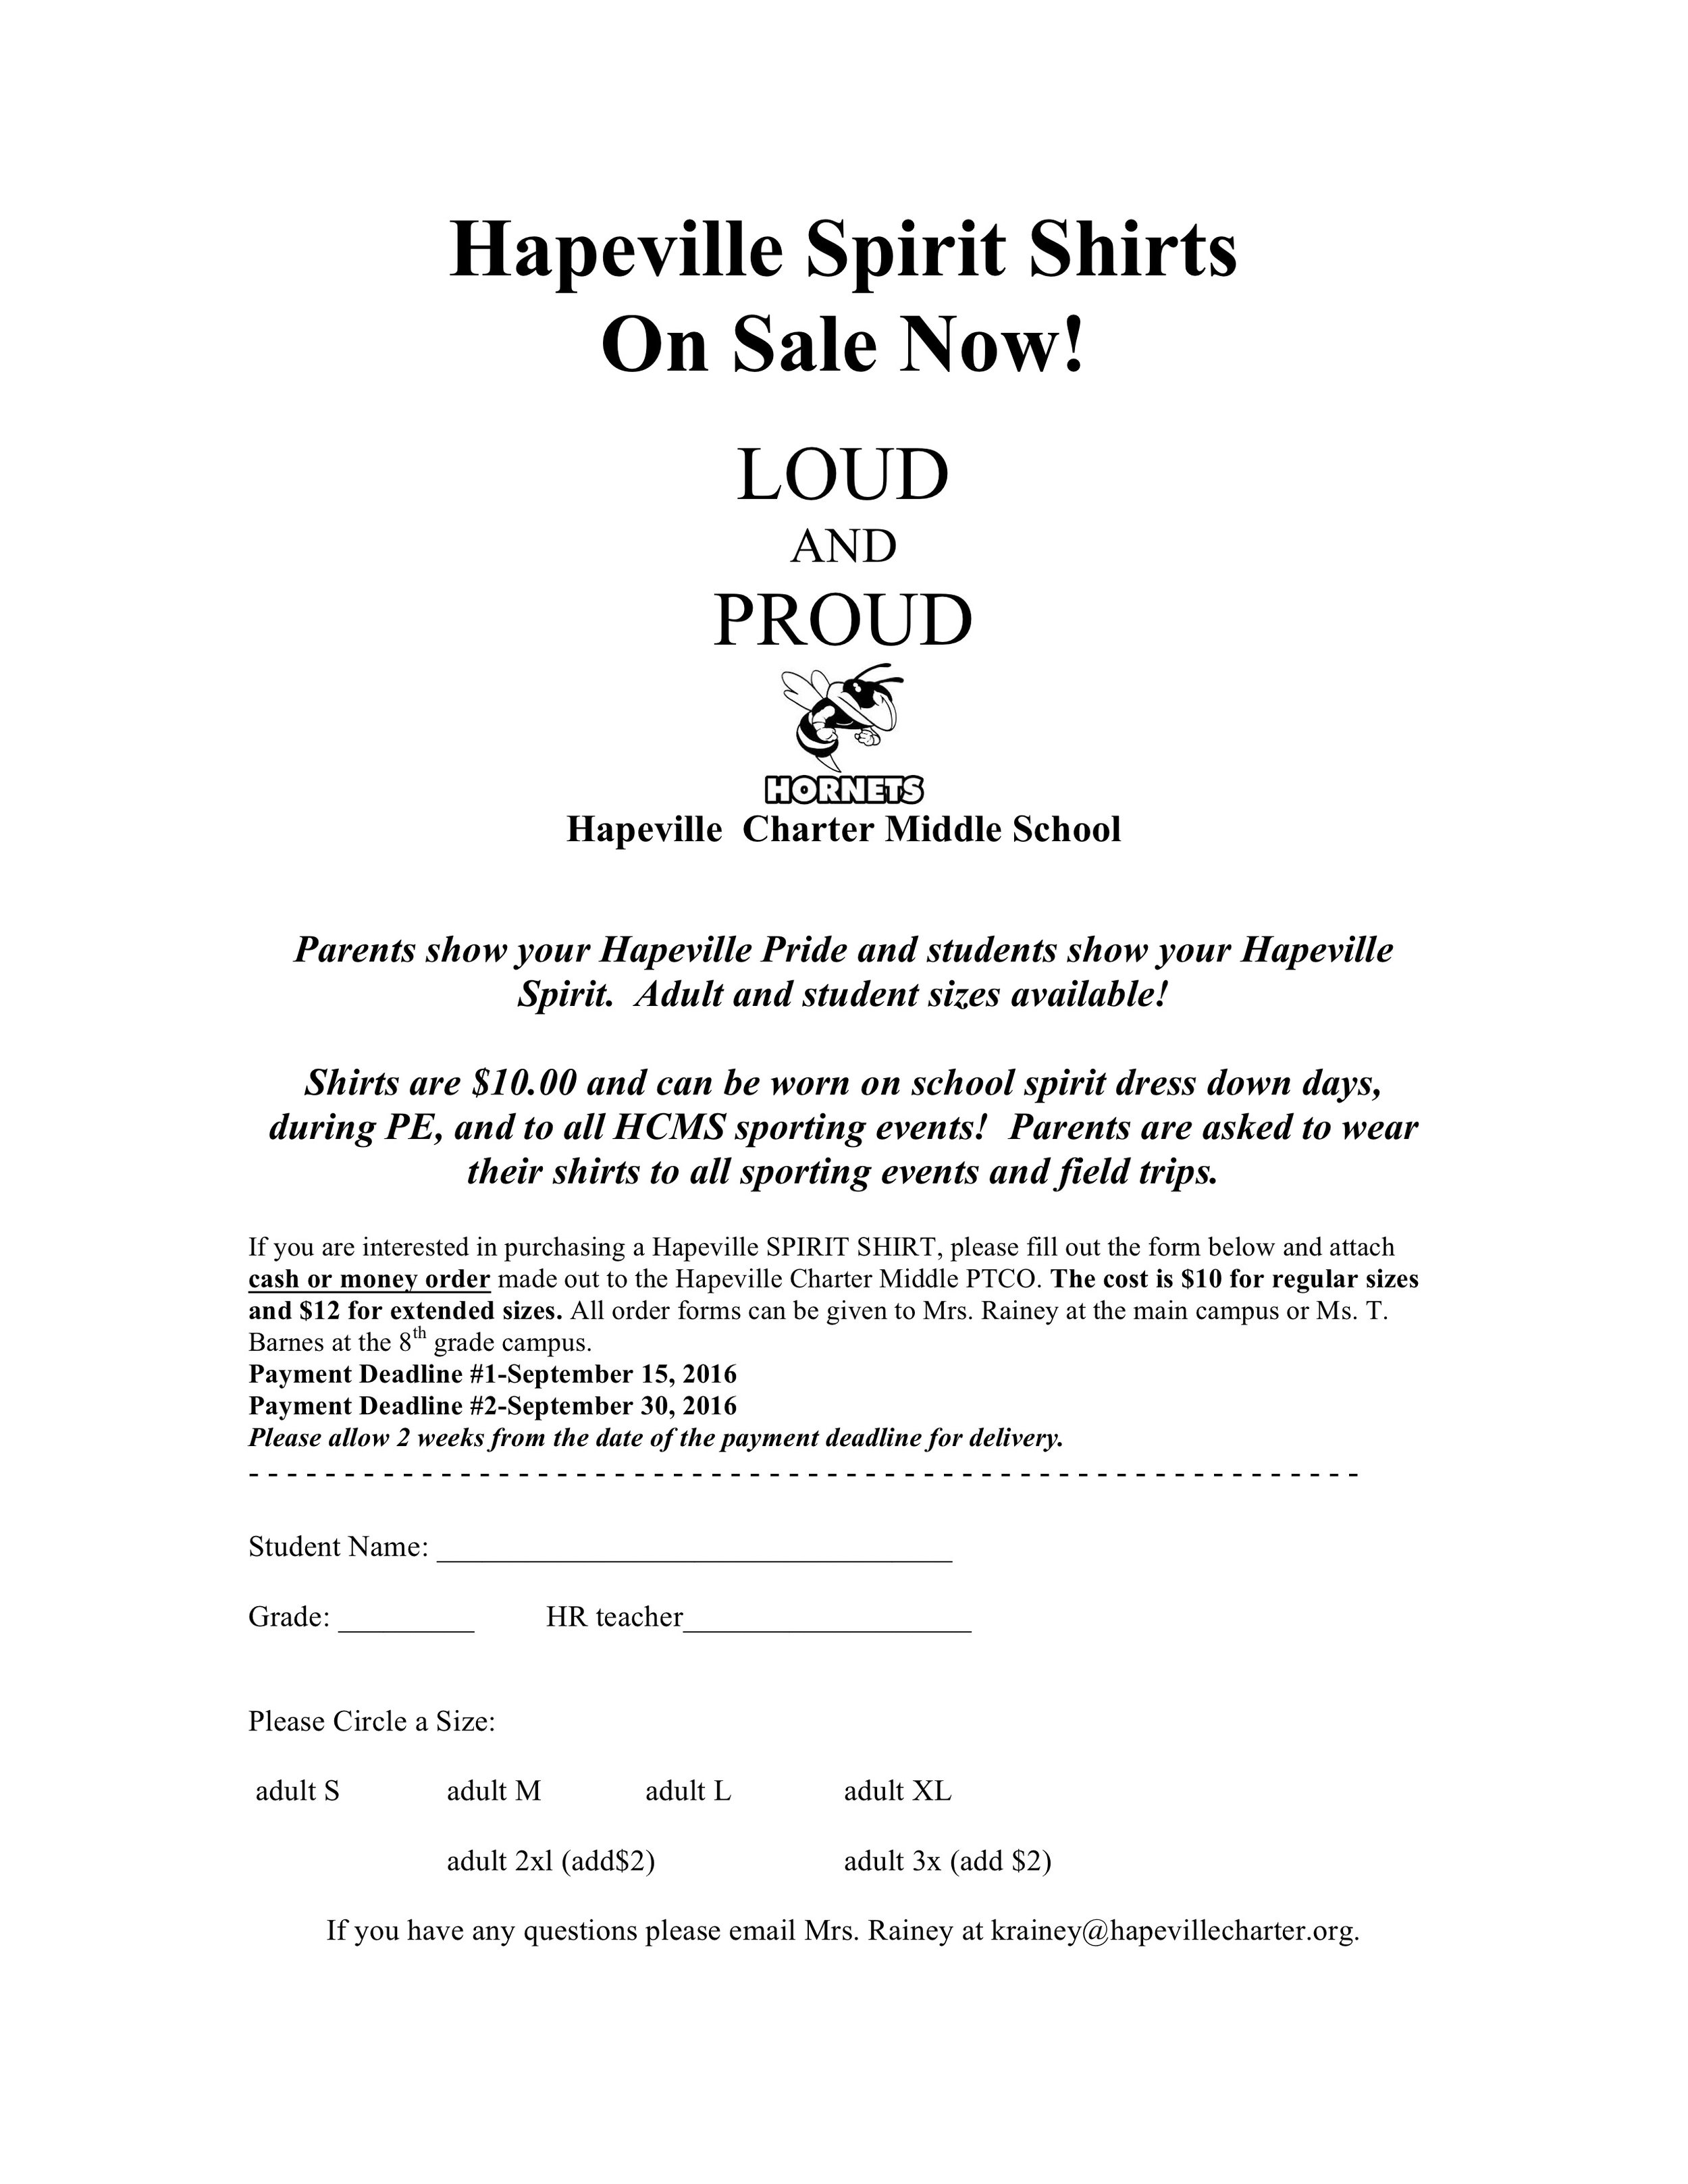 Newsletter Image7th Grade Newsletter 9-5-2016 7.jpeg